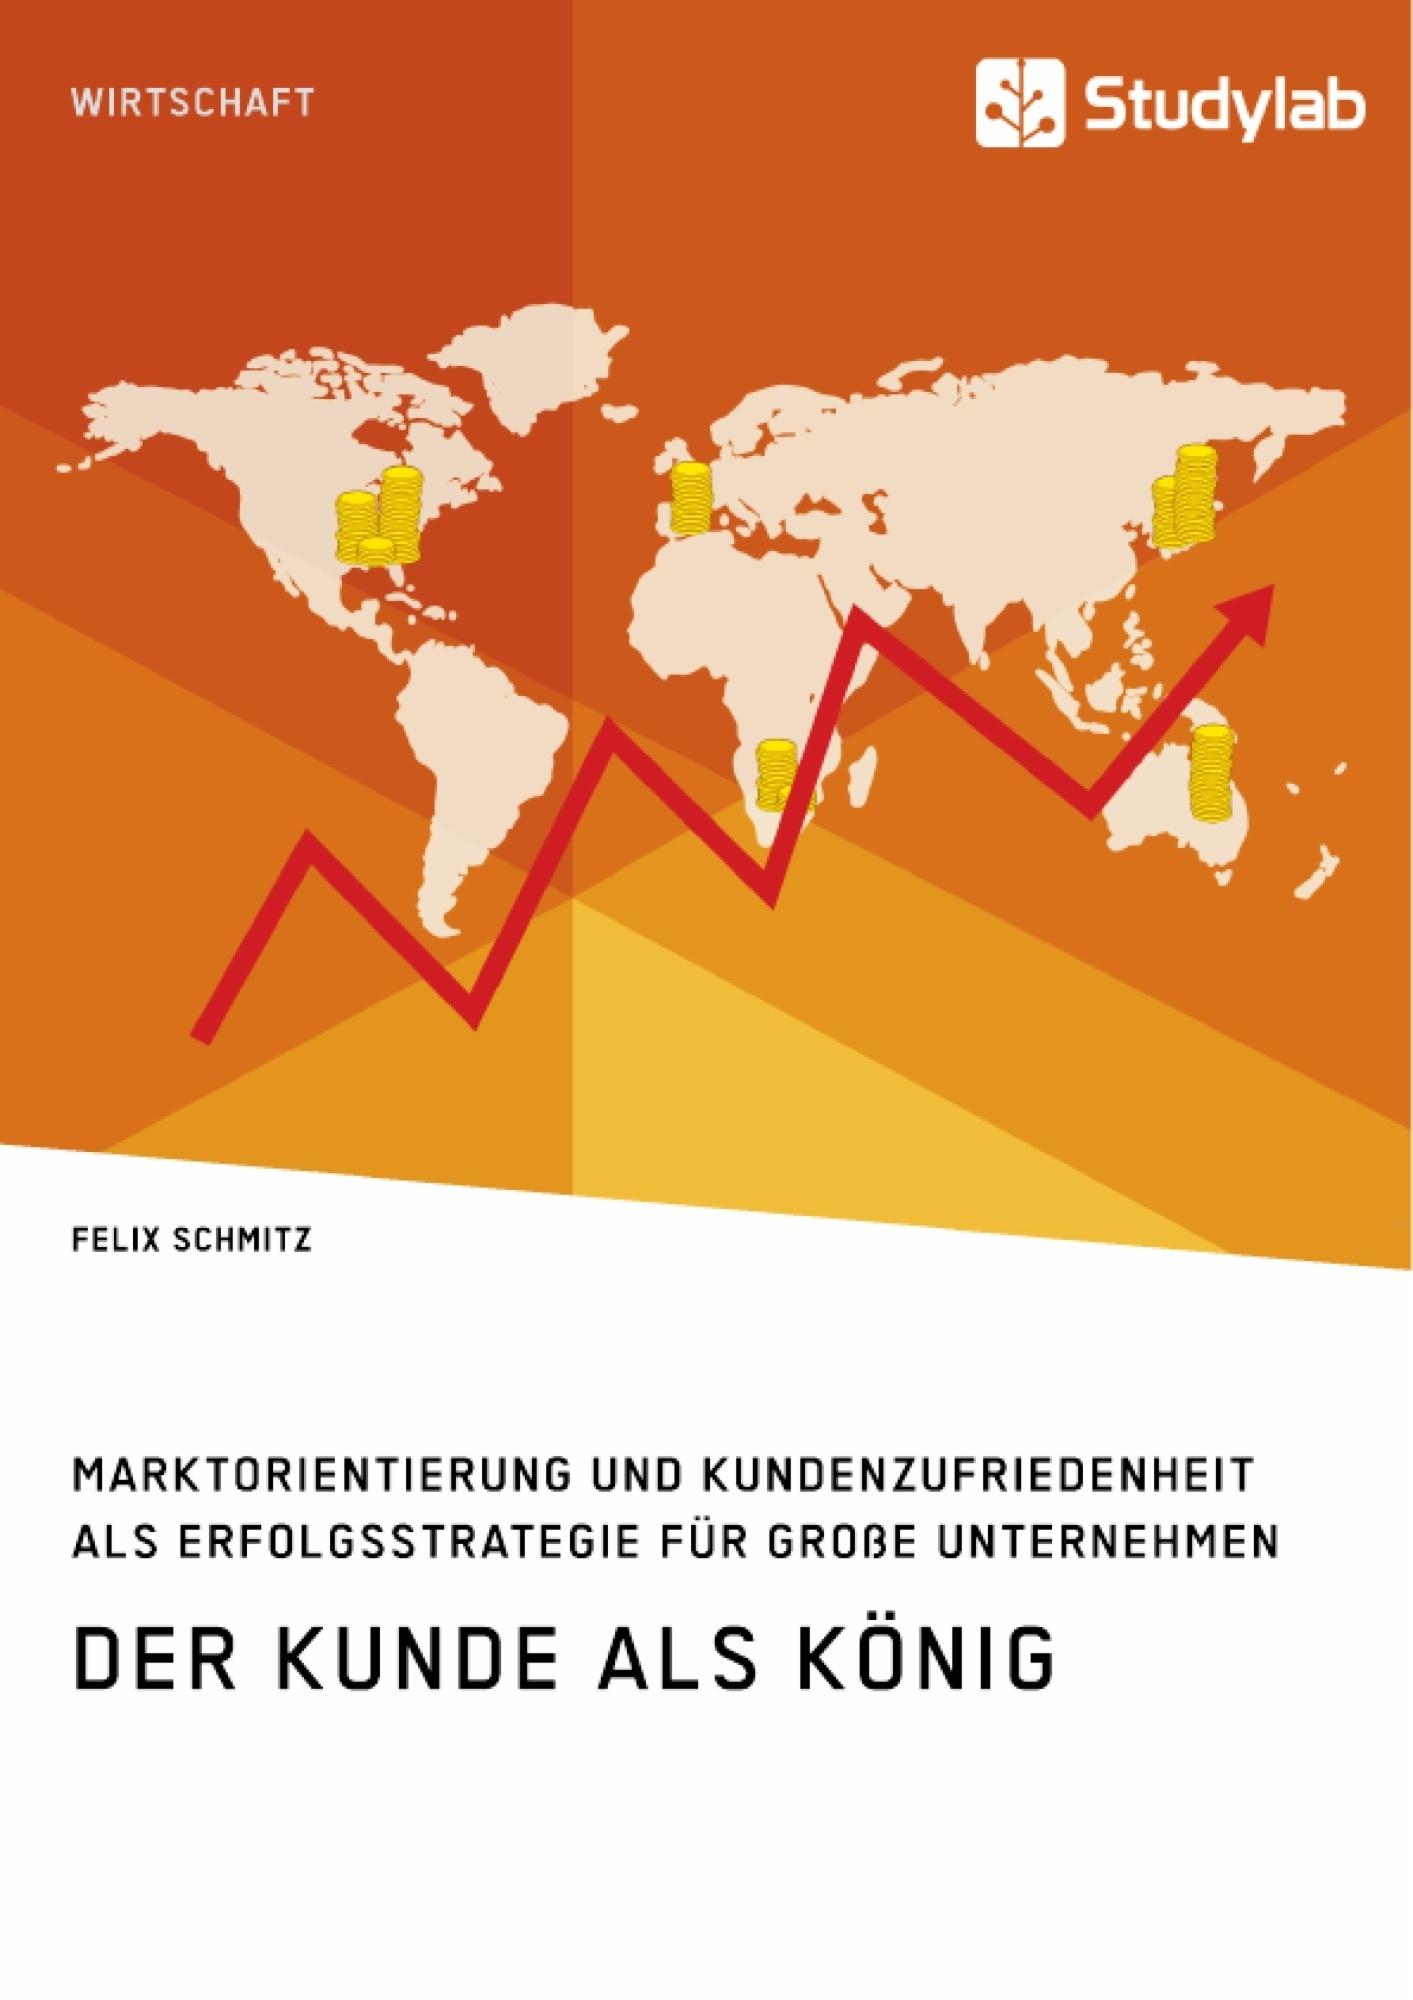 Titel: Der Kunde als König. Marktorientierung und Kundenzufriedenheit als Erfolgsstrategie für große Unternehmen